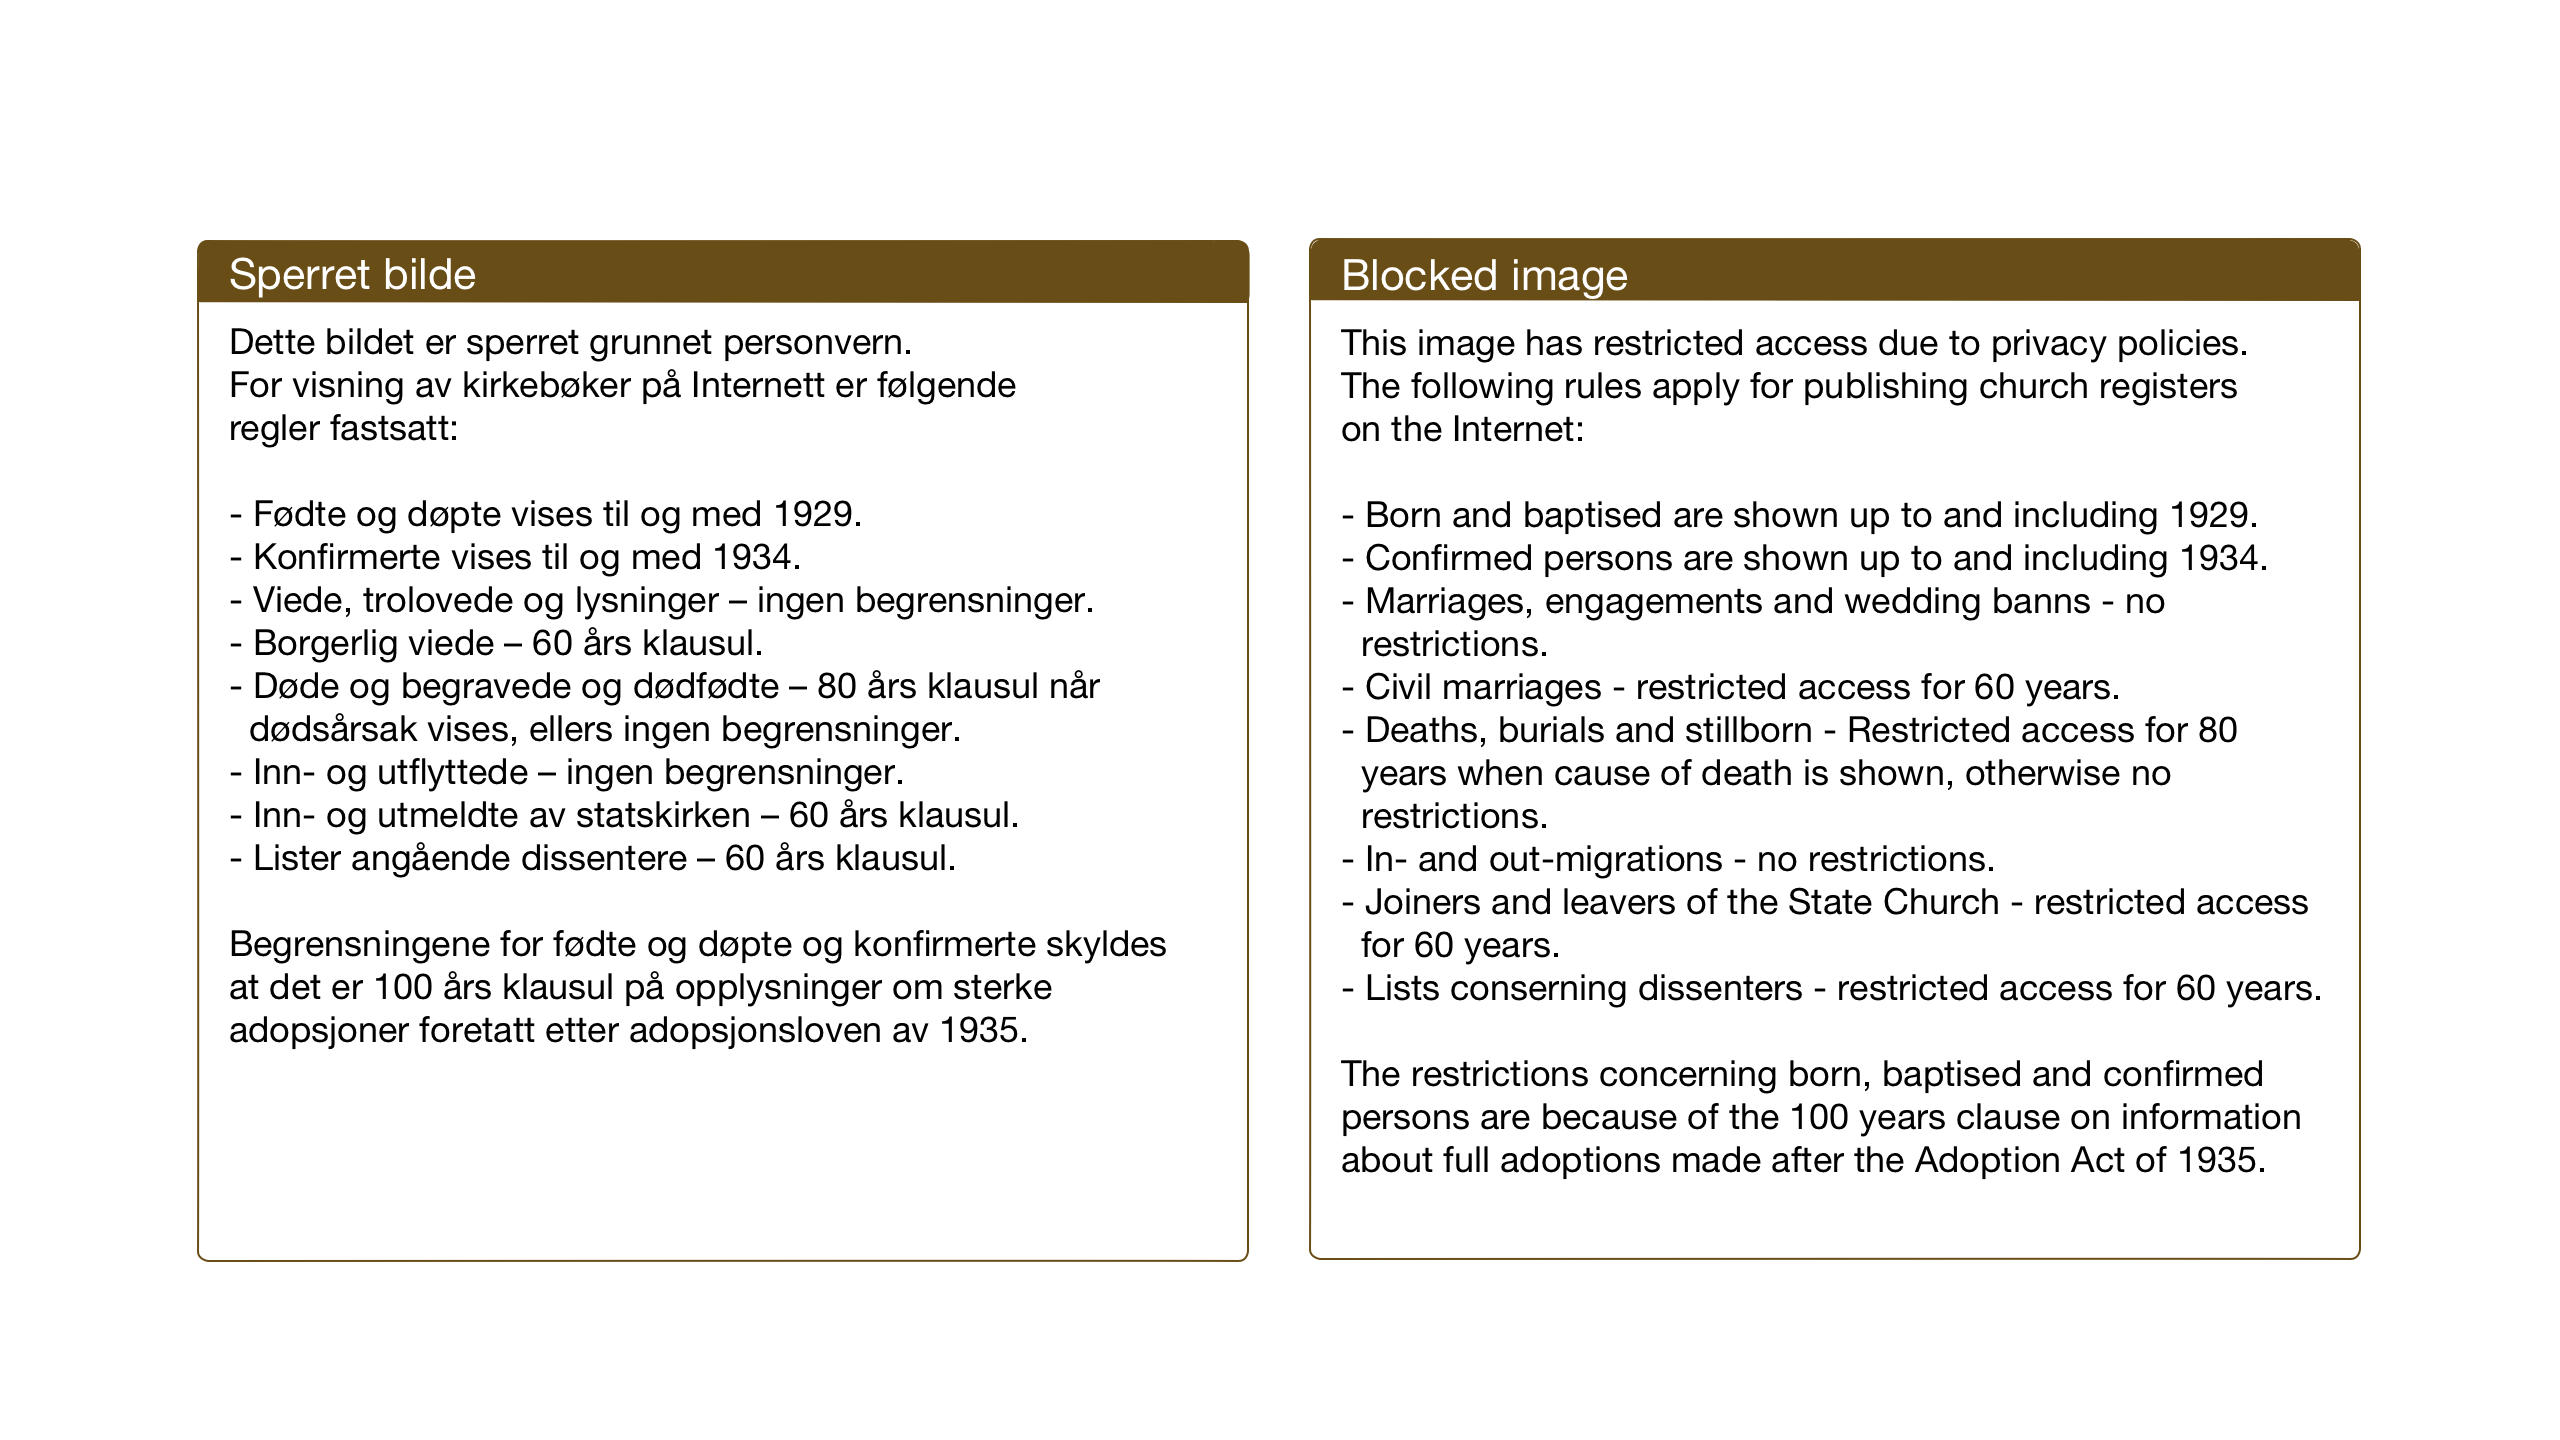 SAT, Ministerialprotokoller, klokkerbøker og fødselsregistre - Sør-Trøndelag, 638/L0569: Klokkerbok nr. 638C01, 1923-1961, s. 142